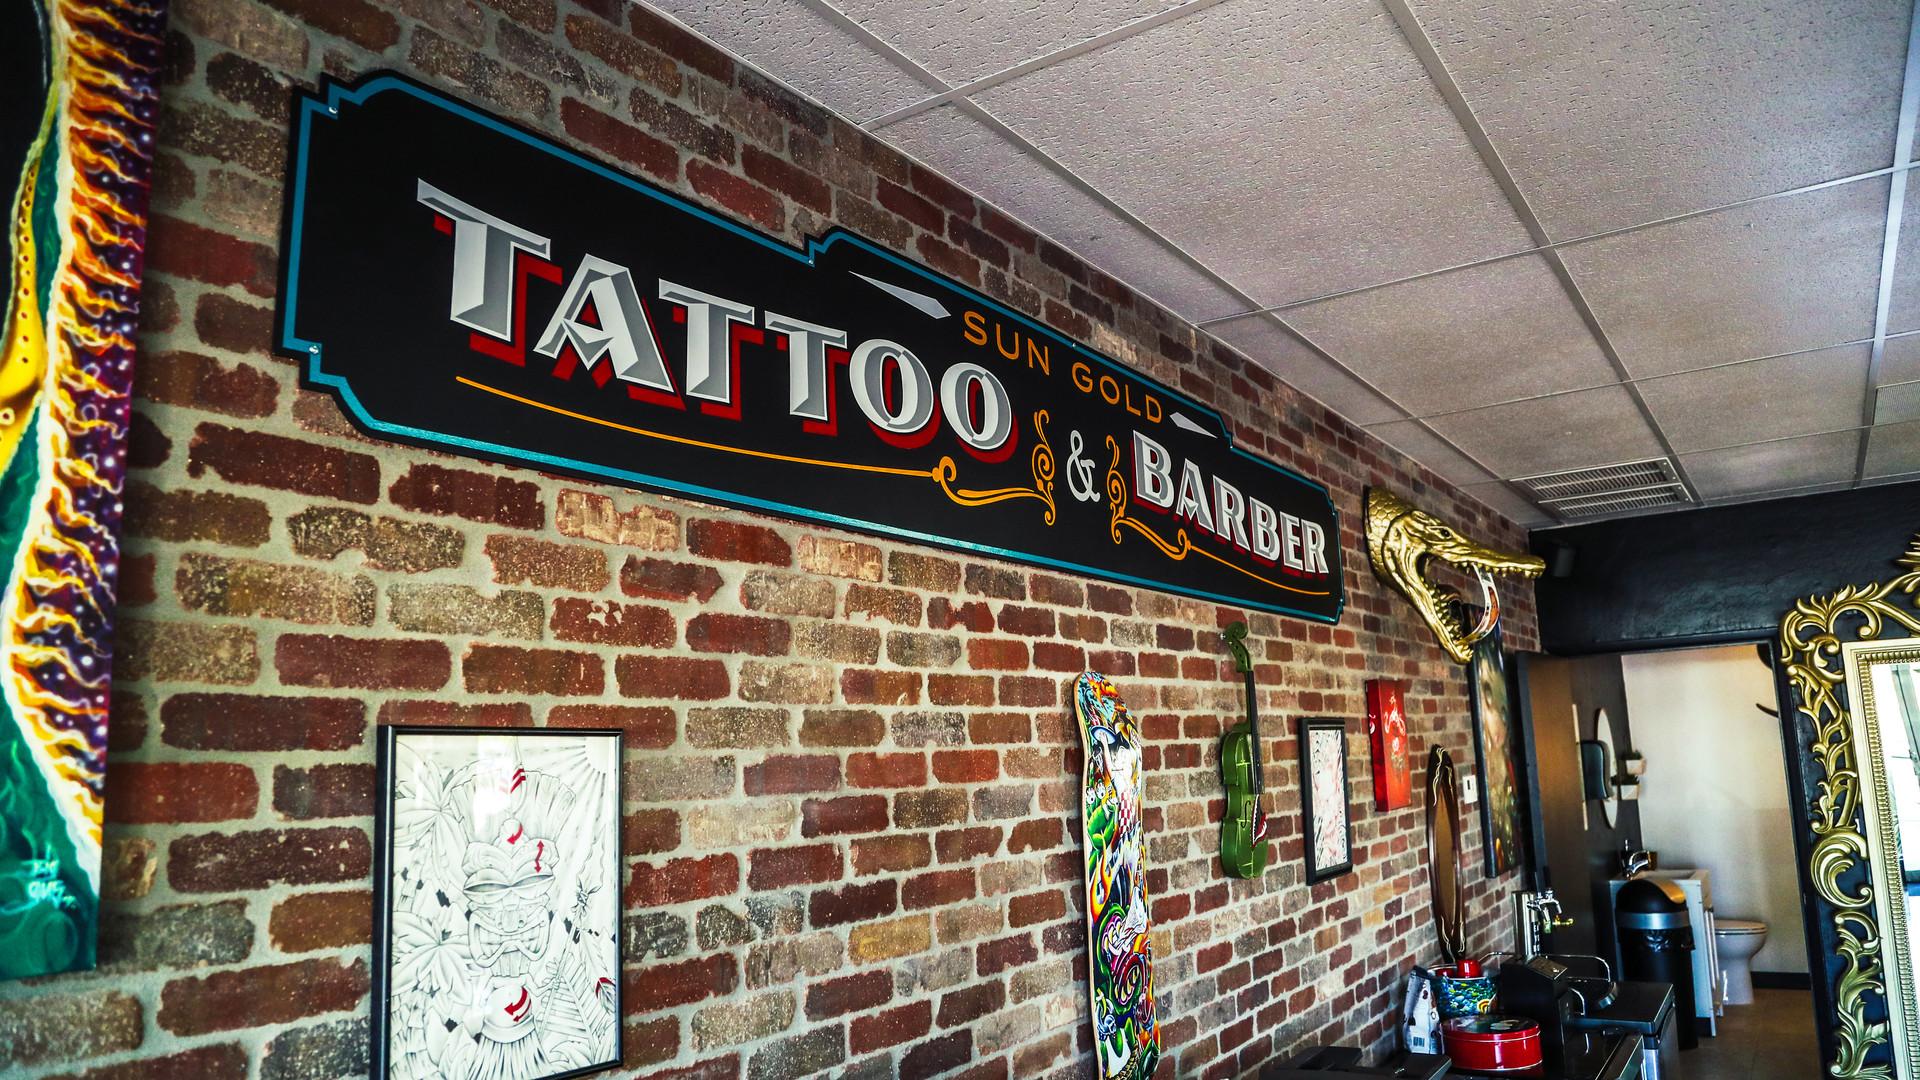 Sun Gold Tattoo & Barber